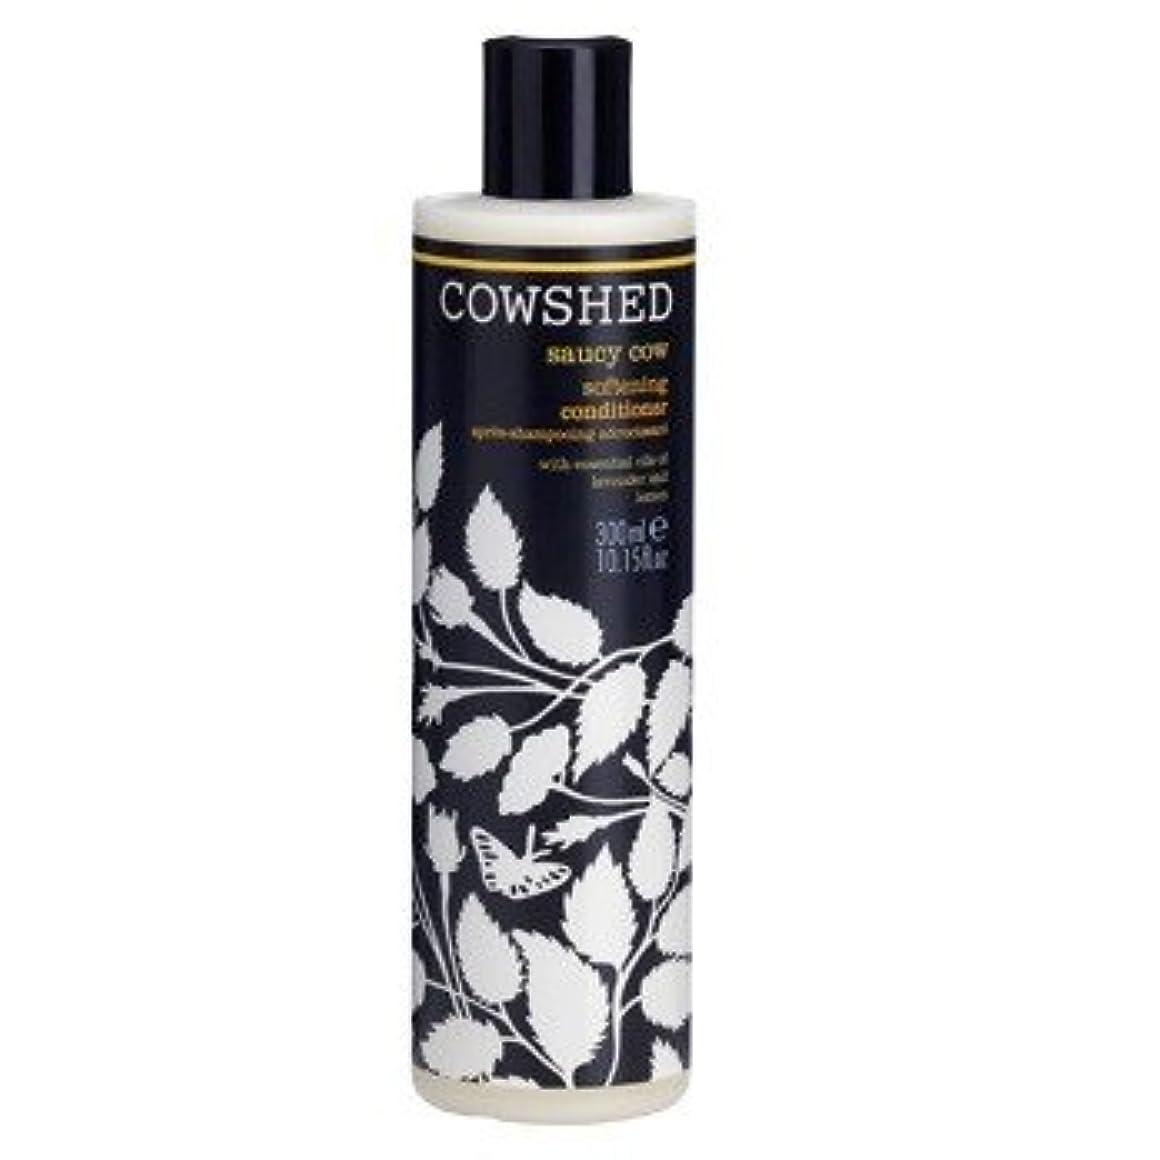 アラーム背景健康牛舎生意気な牛軟化コンディショナー300ミリリットル (Cowshed) (x6) - Cowshed Saucy Cow Softening Conditioner 300ml (Pack of 6) [並行輸入品]